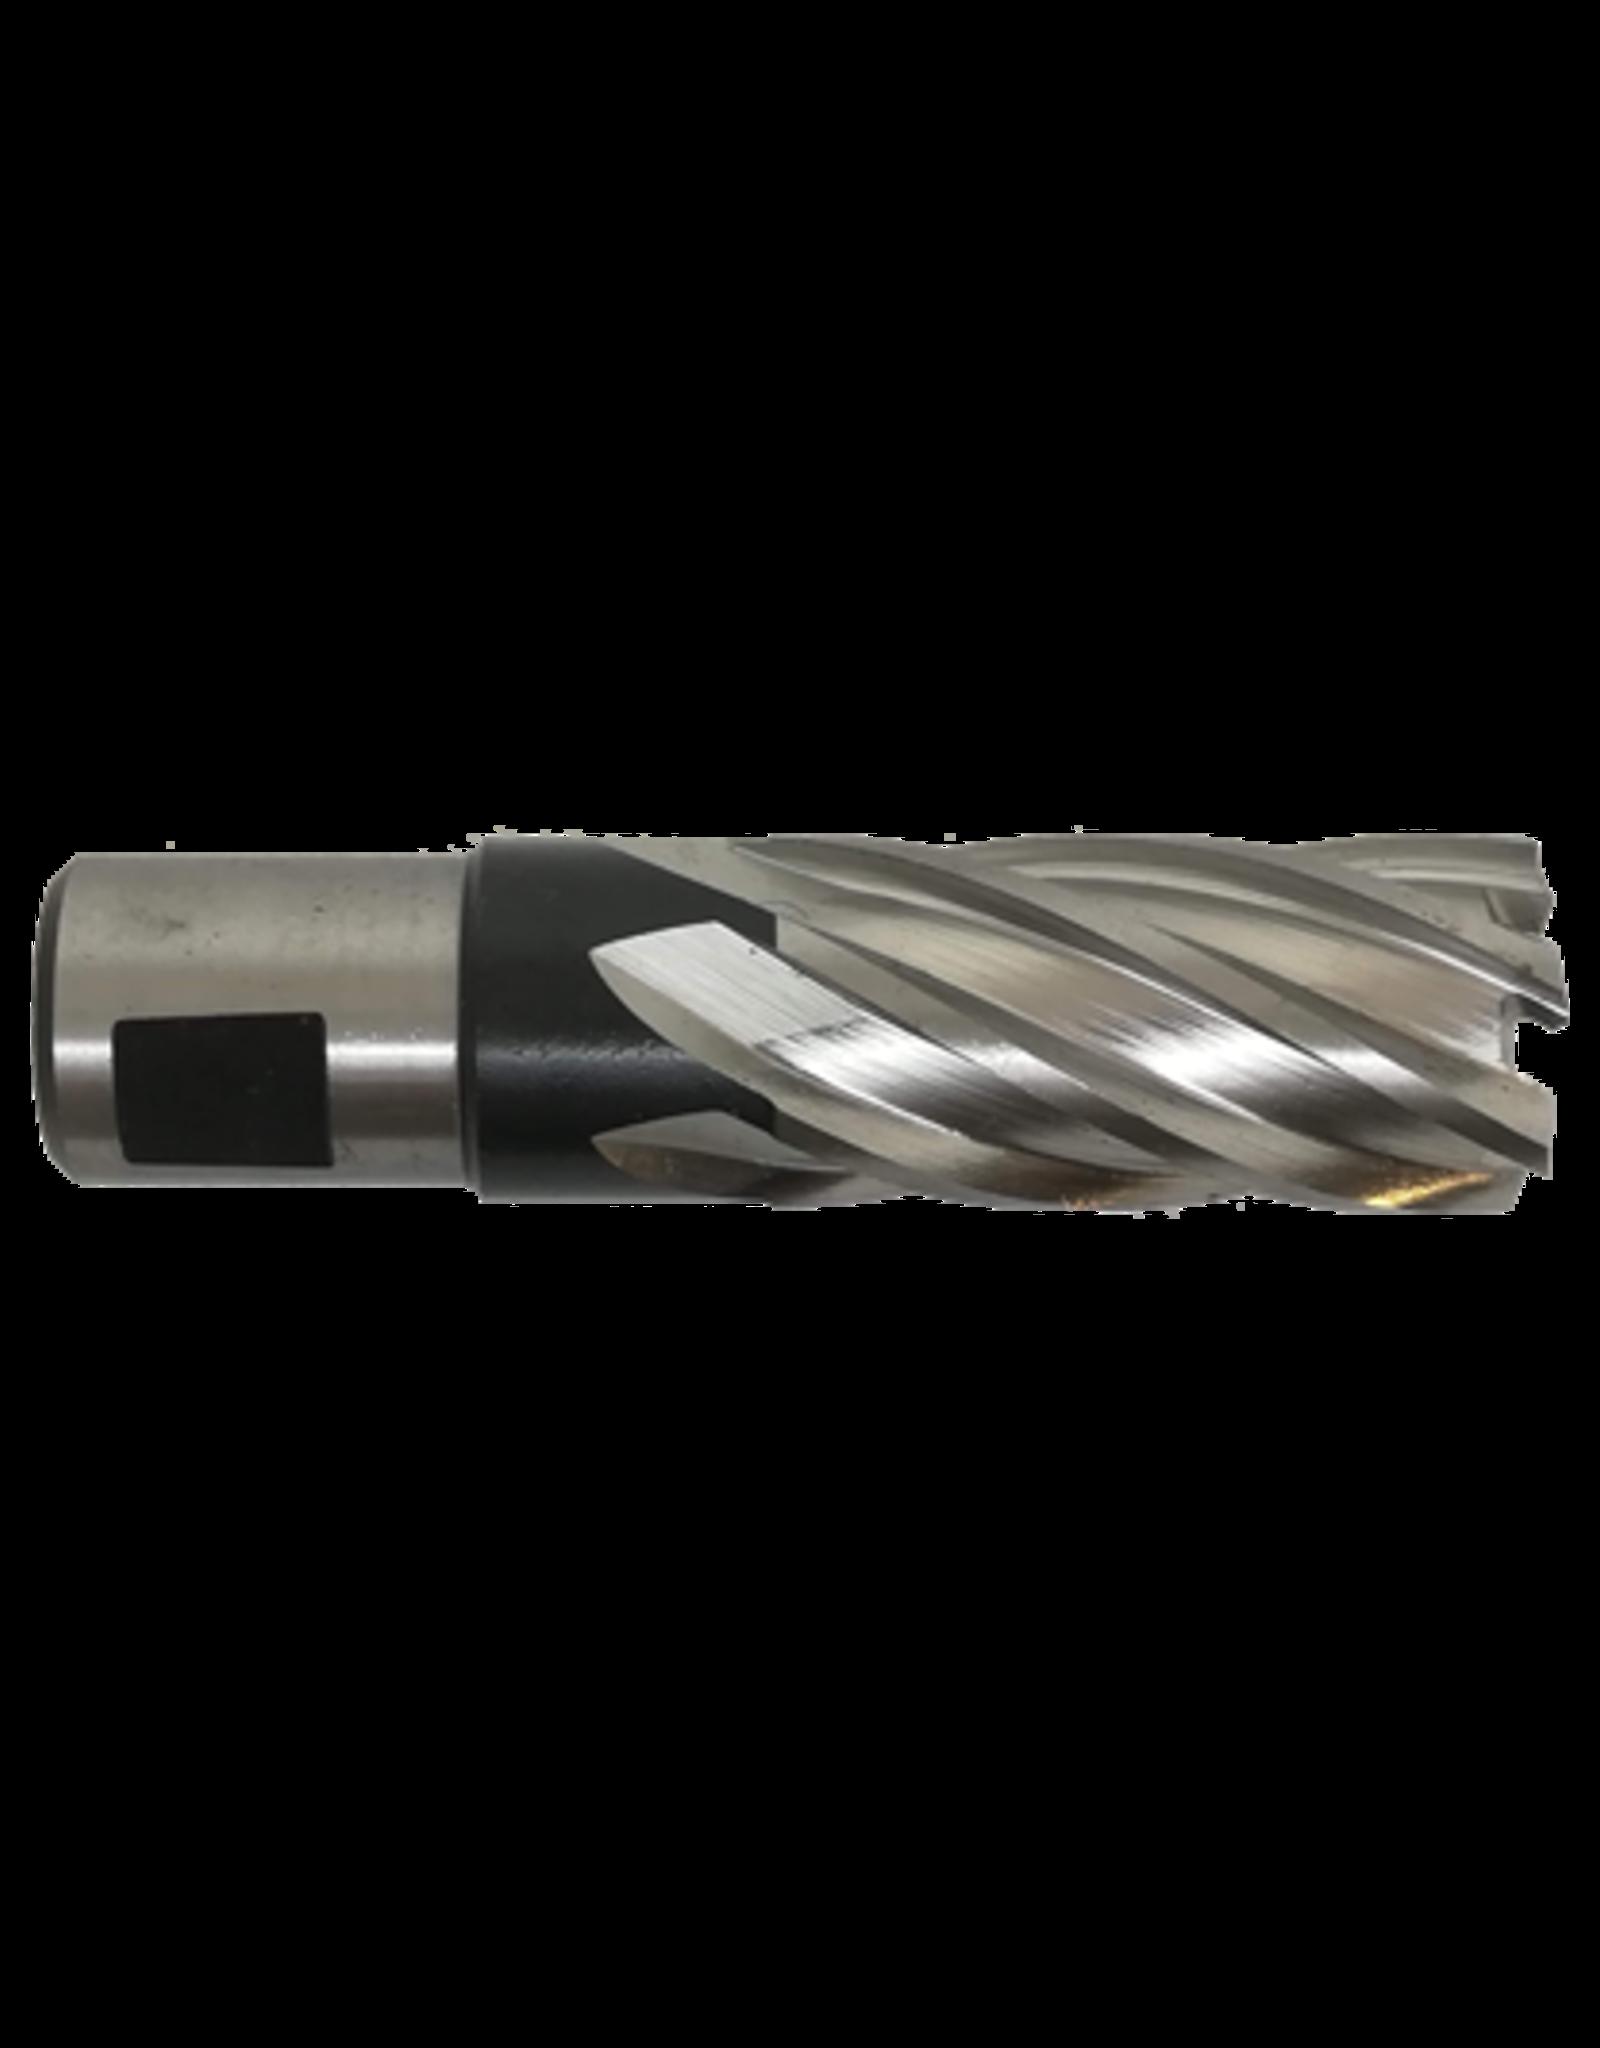 Evolution Power Tools Steel Line EVOLUTION LANGE HSS KERNFREES - 22 MM